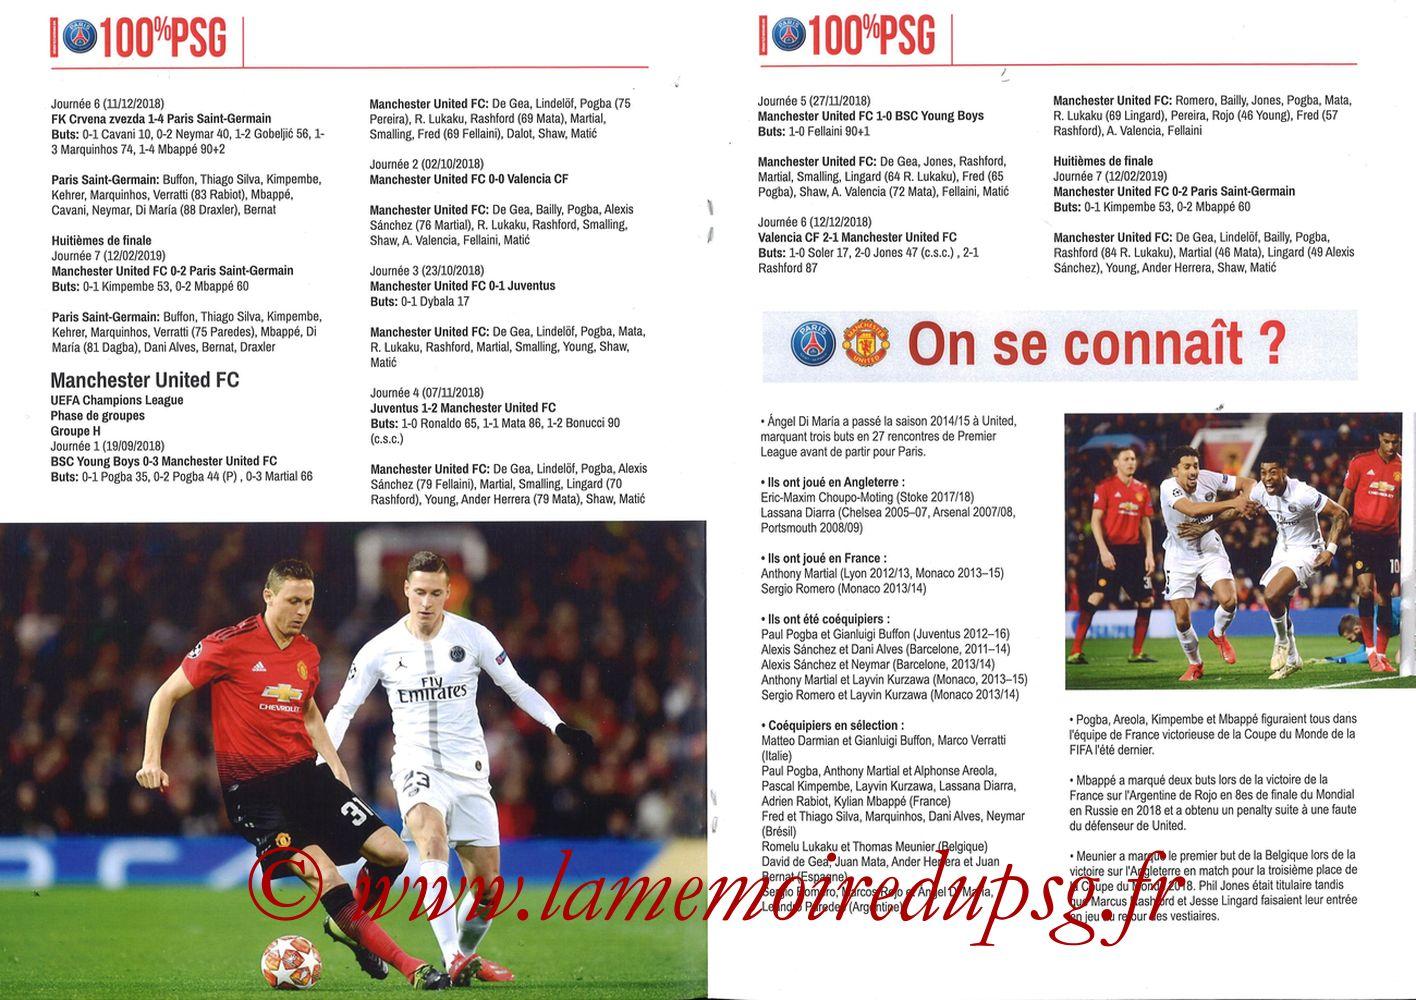 2019-03-06  PSG-Manchester United (8ème Retour C1, 100% PSG N° 181) - Pages 06 et 07